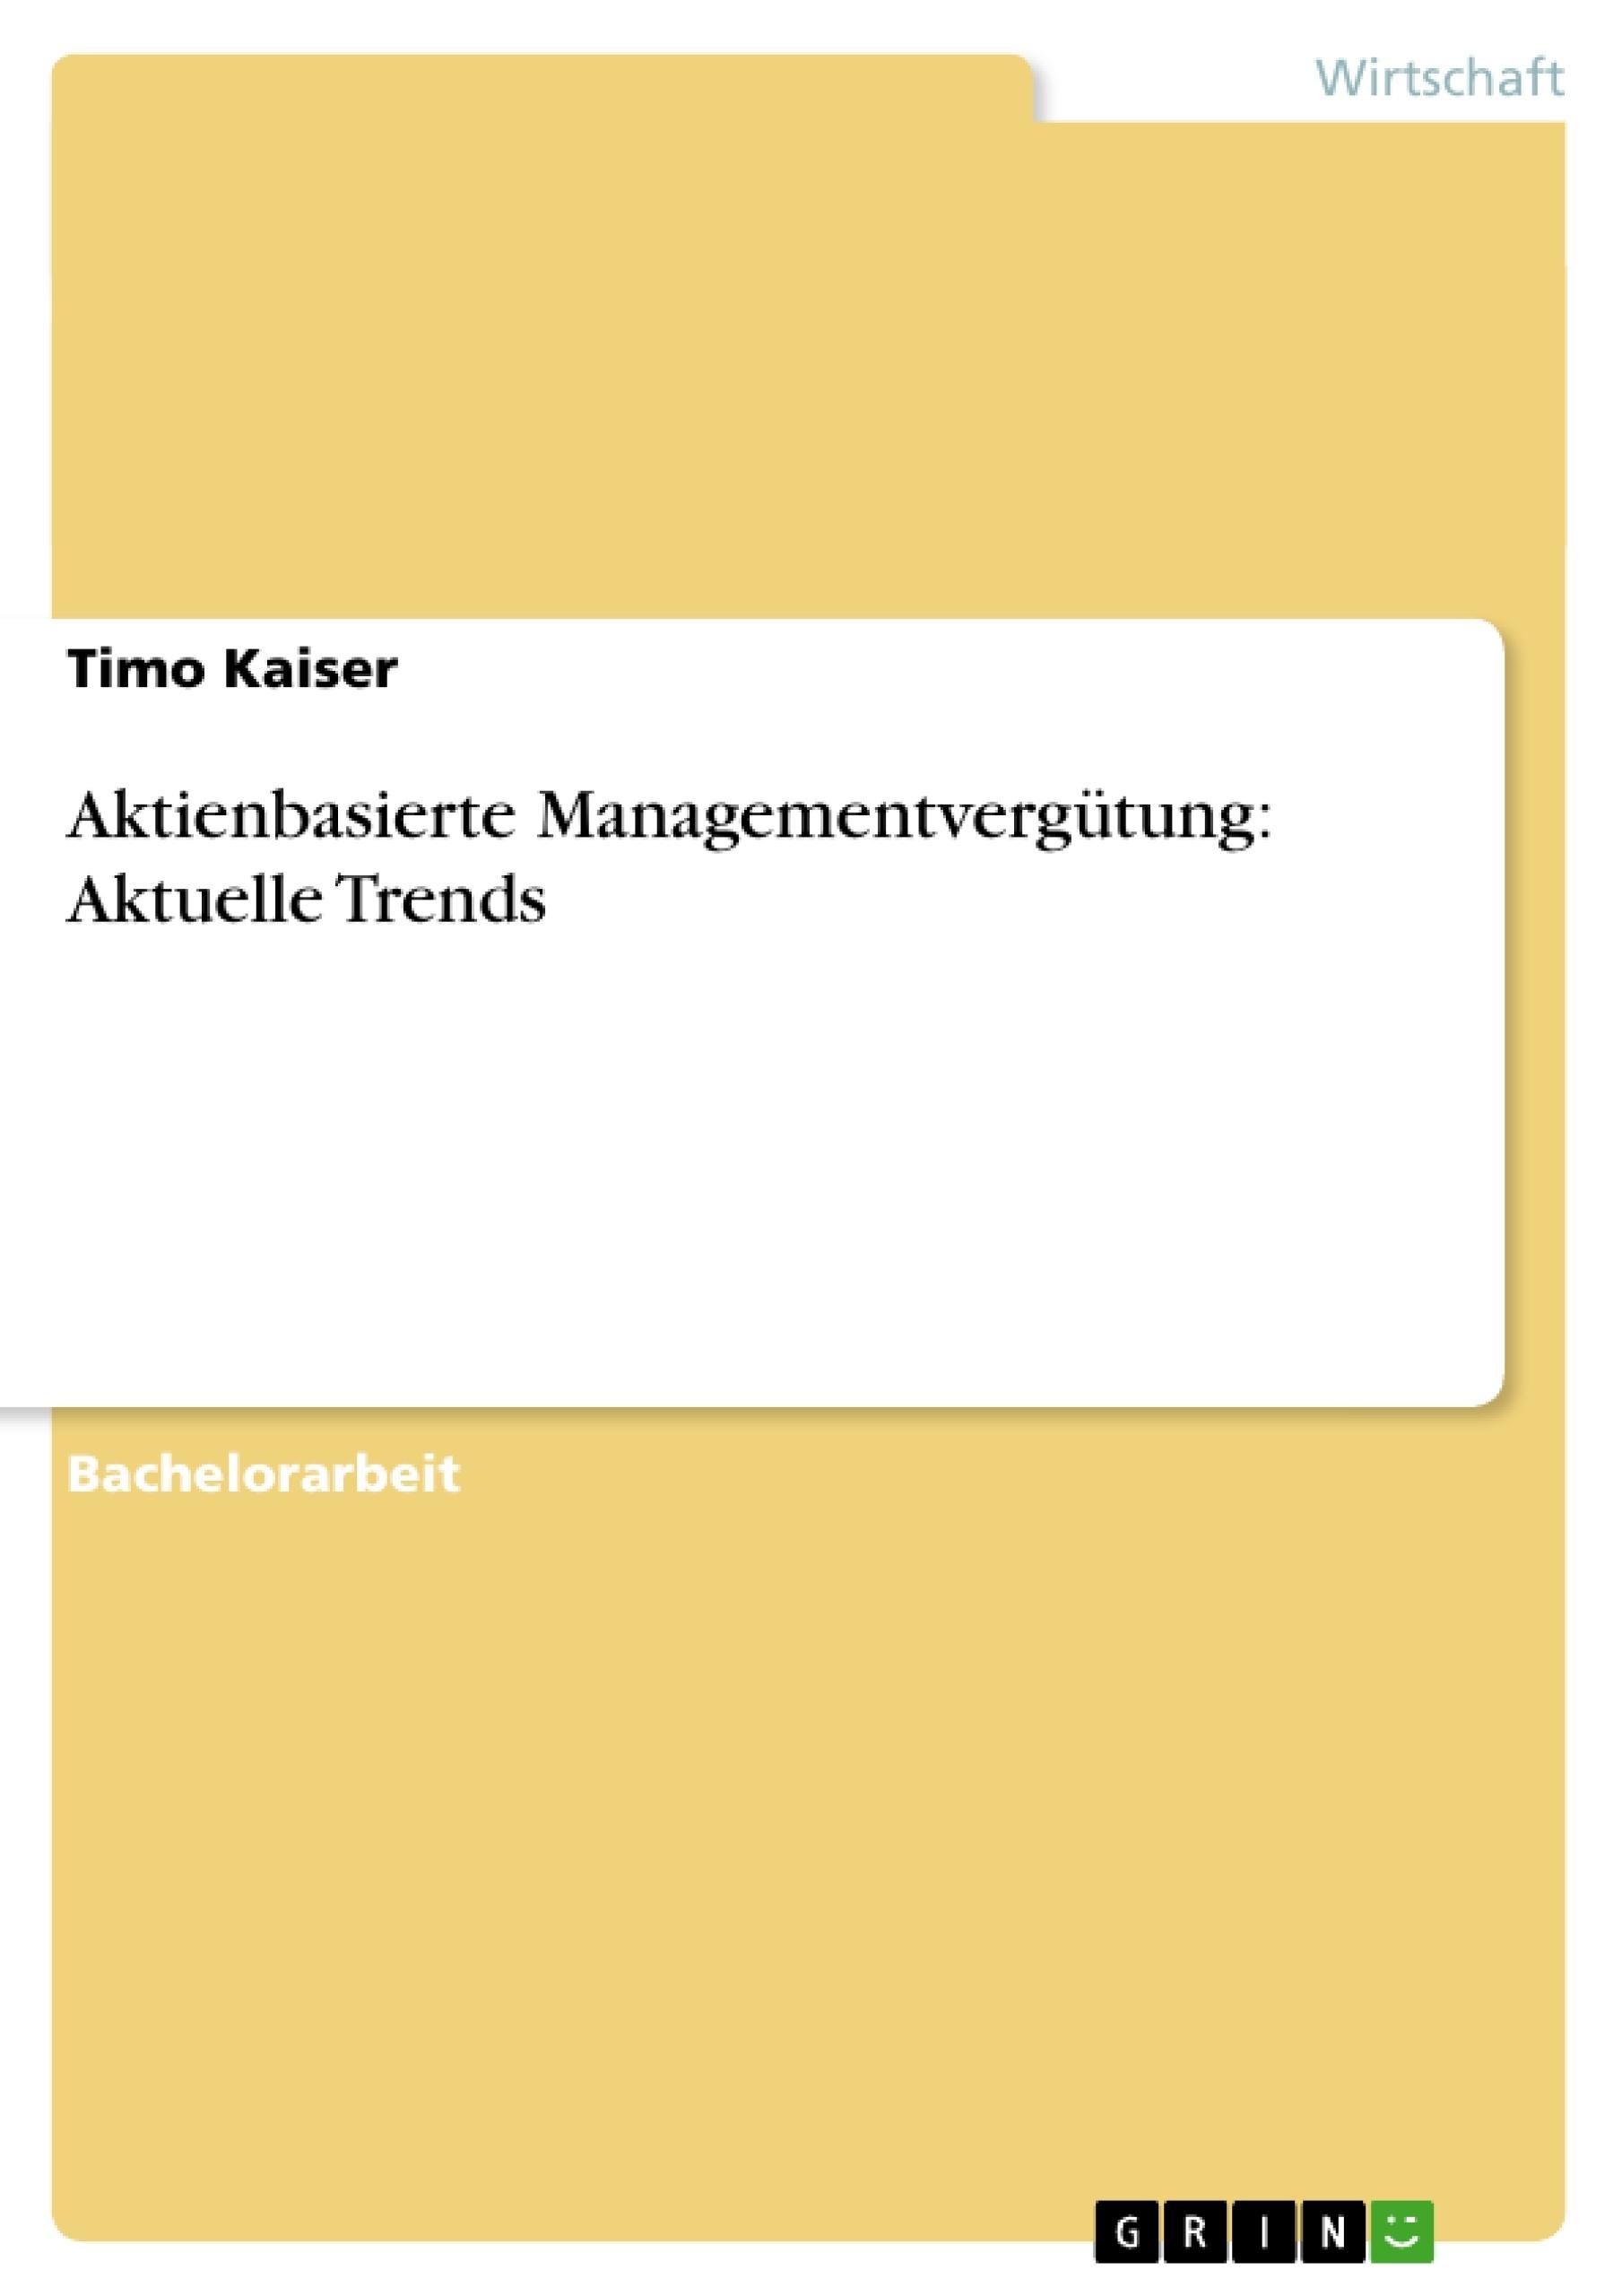 Titel: Aktienbasierte Managementvergütung: Aktuelle Trends